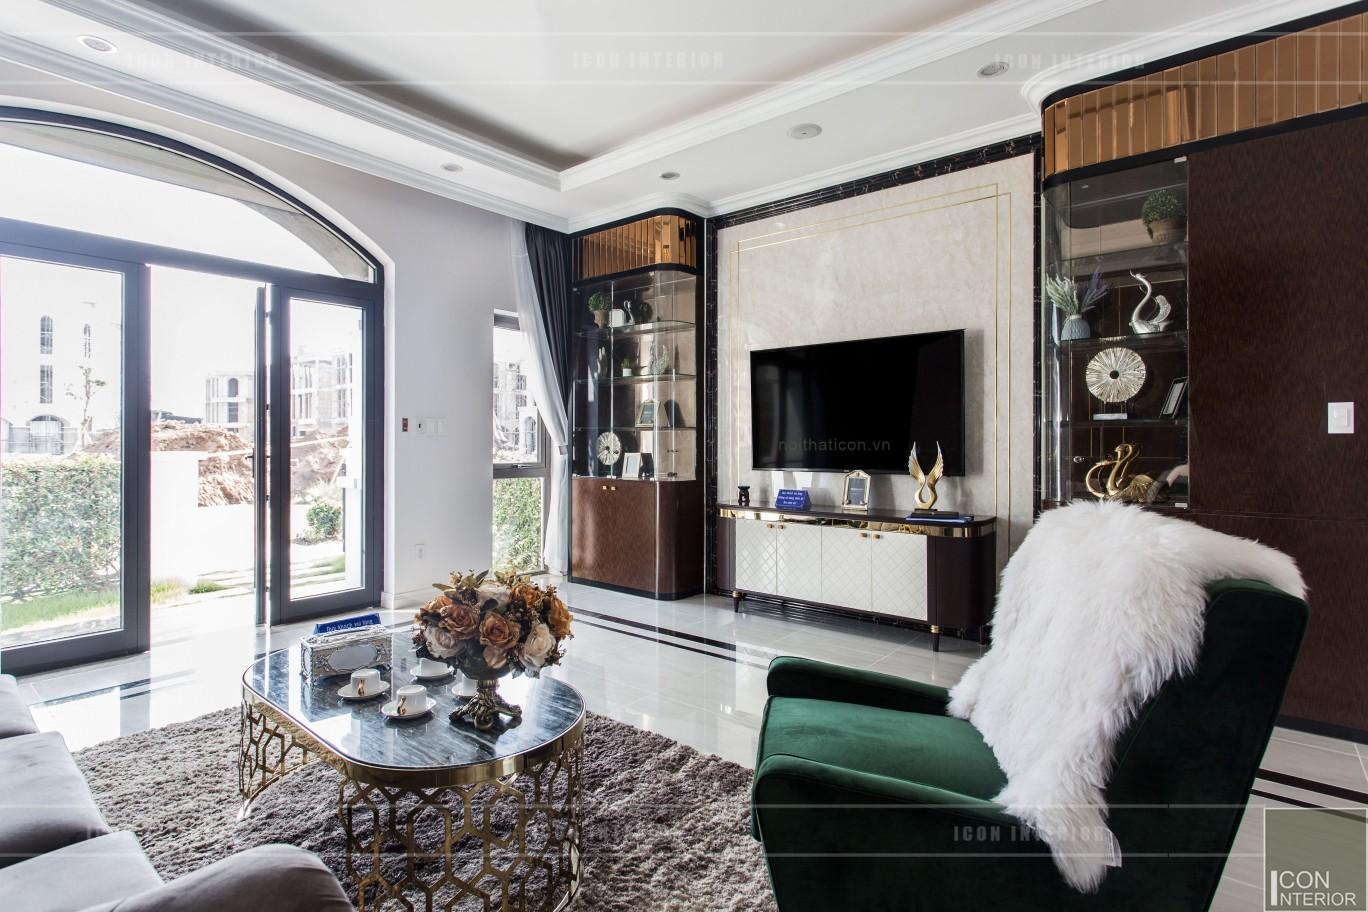 nội thất biệt thự tân cổ điển - phòng khách